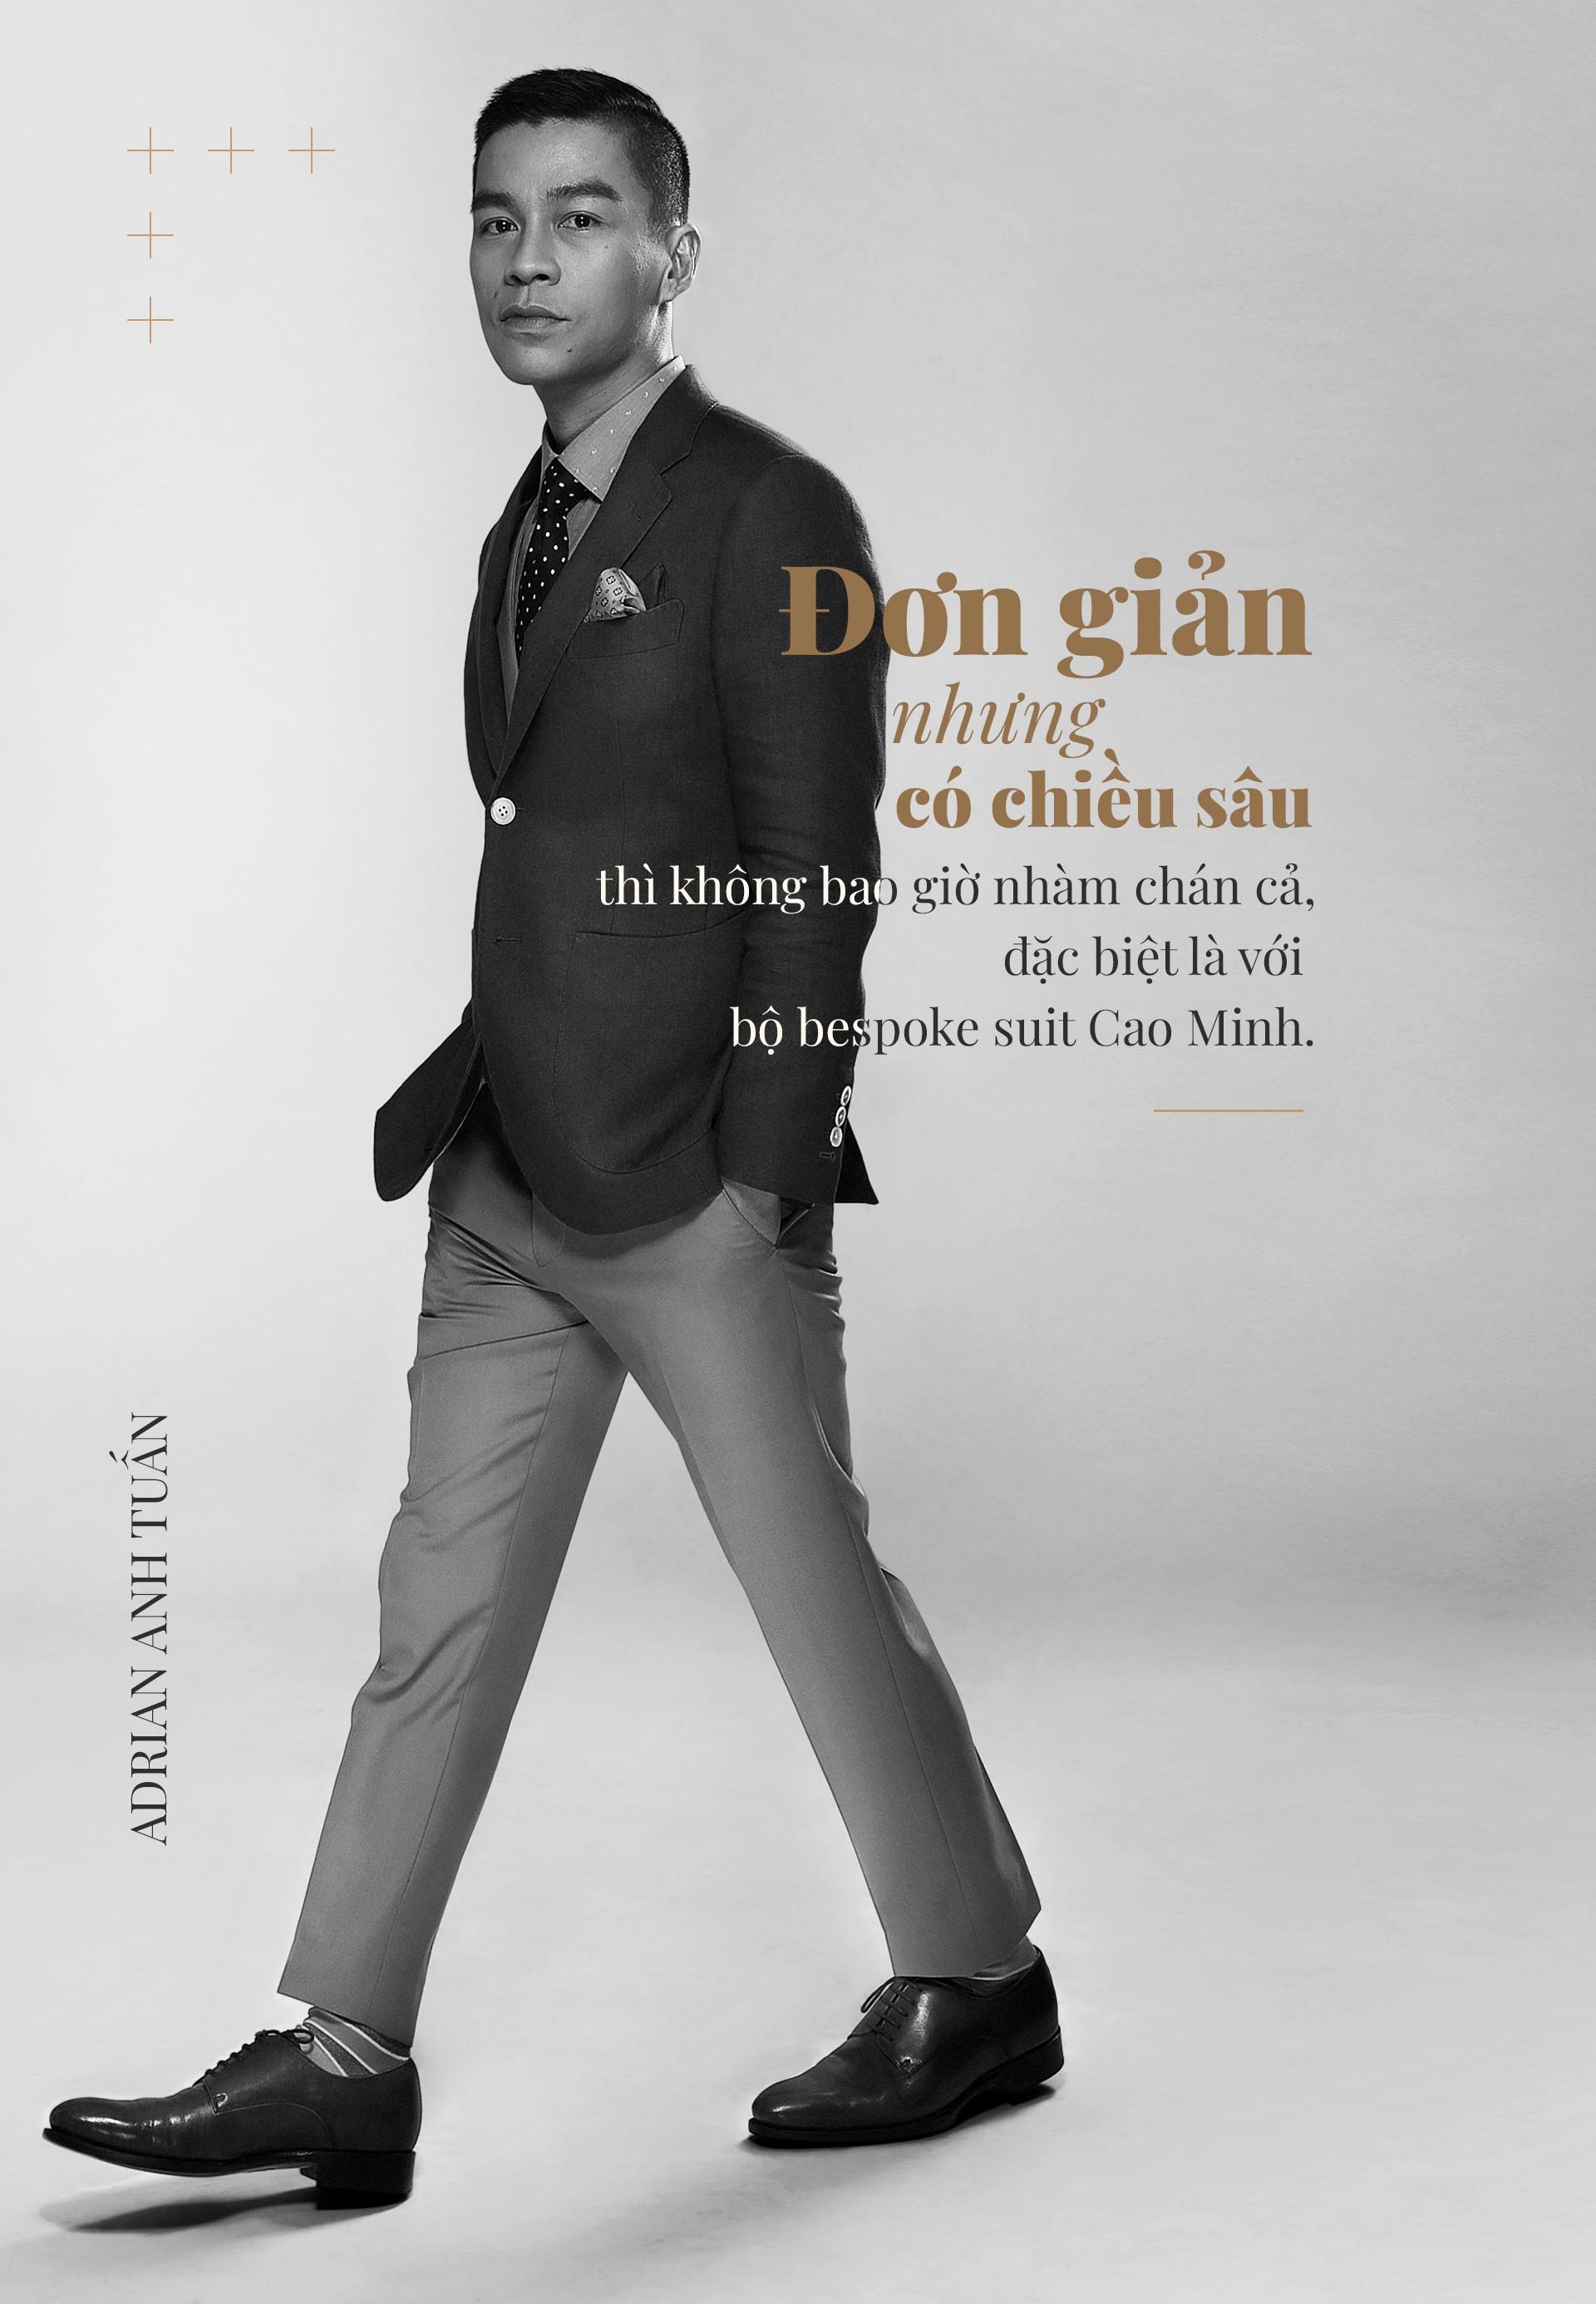 bespoke suit cao minh - elle vietnam 2